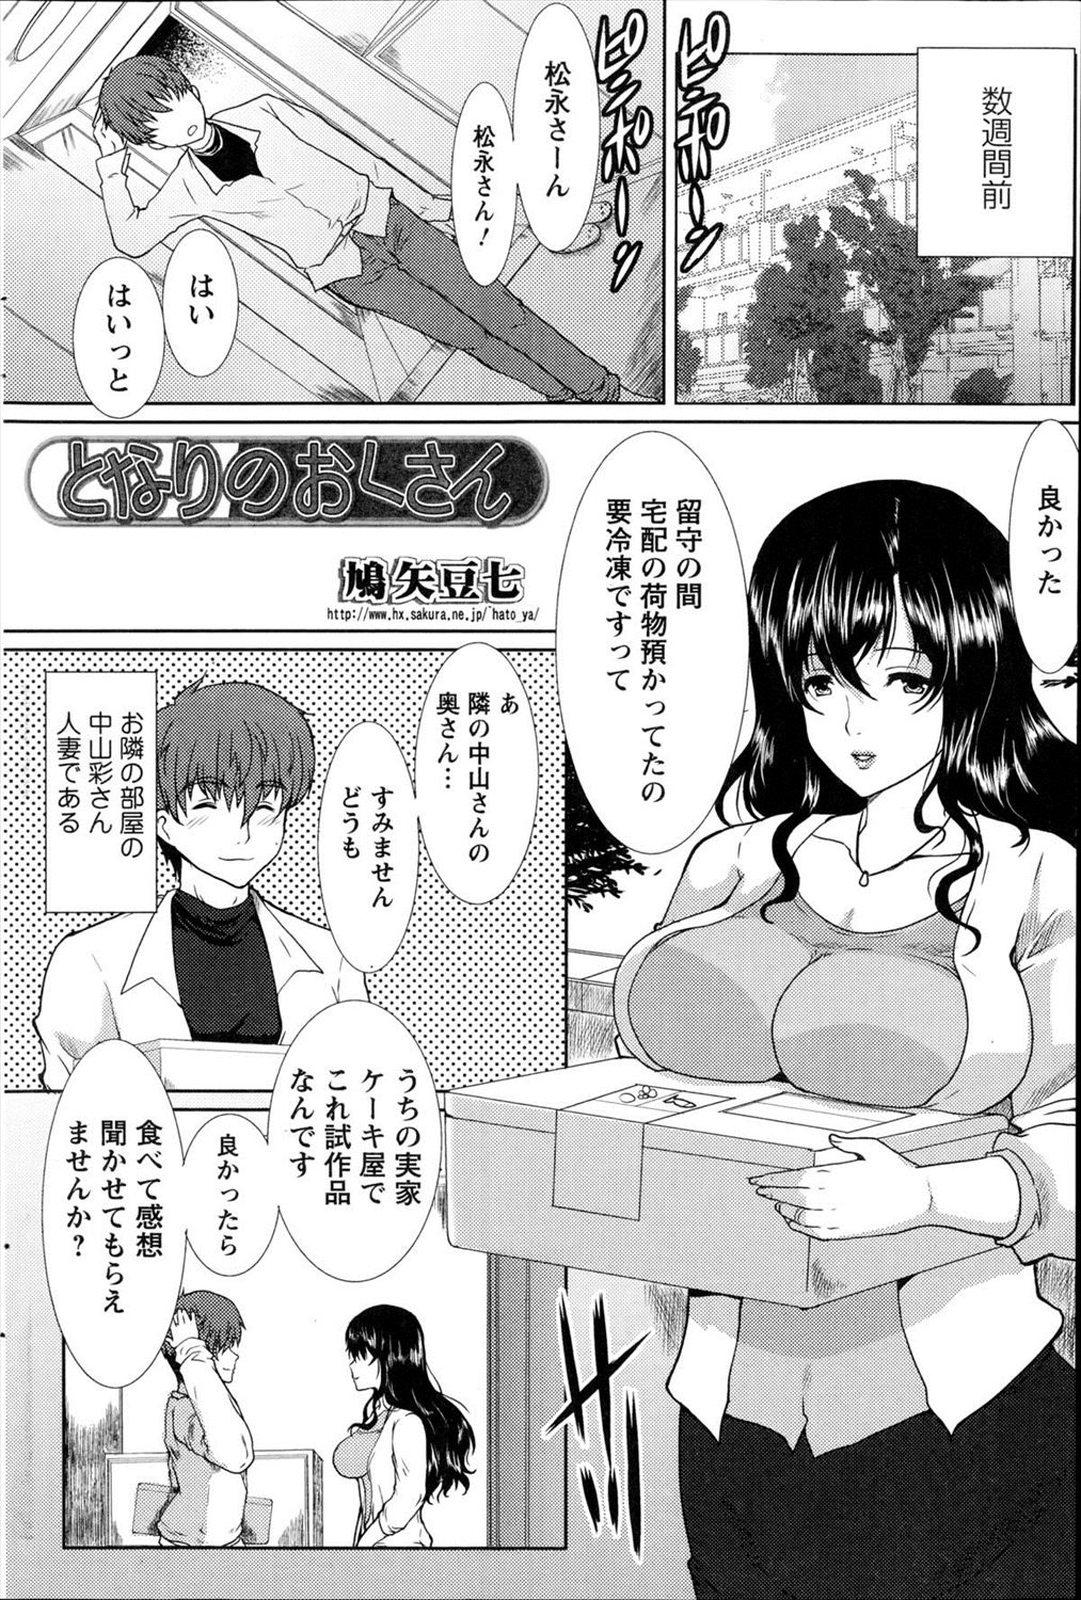 【エロ漫画】隣家のチョロい巨乳人妻に酔った勢いでたっぷりご奉仕してもらうwww